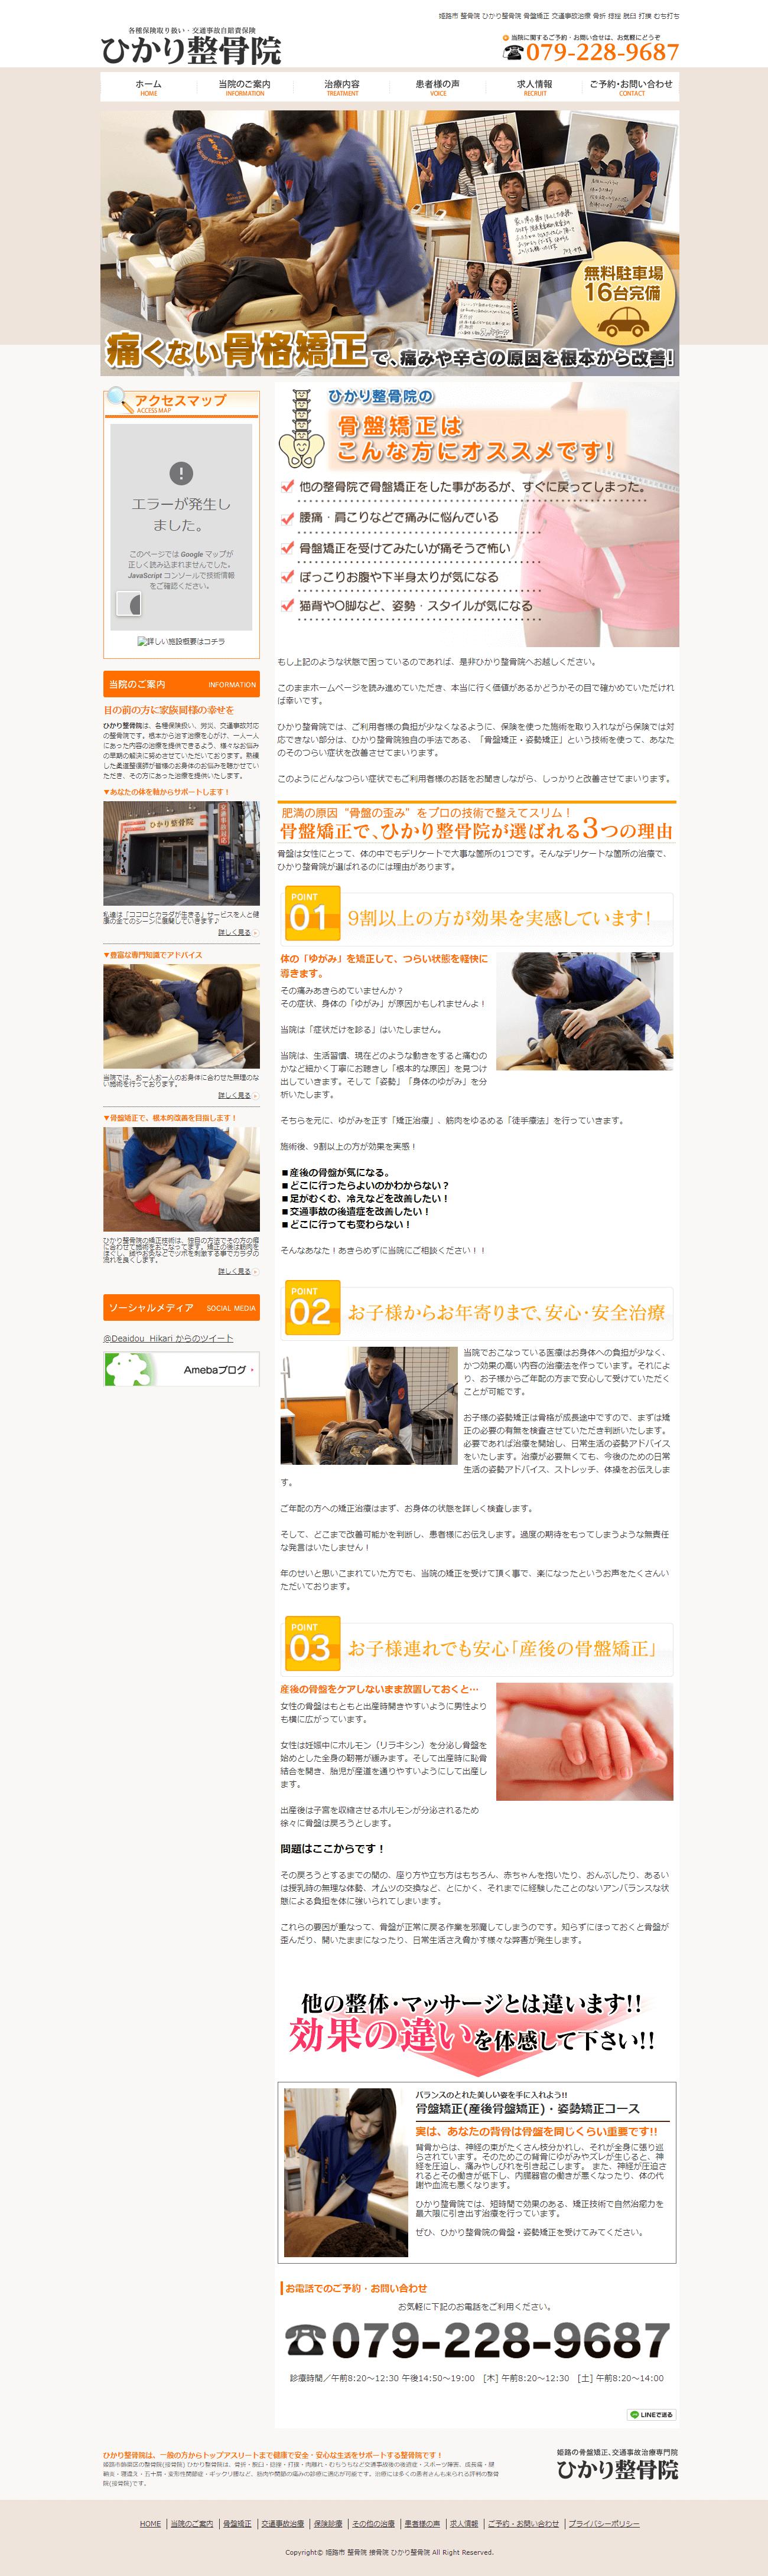 旧サイト:姫路市 ひかり整骨院様 ホームページ制作